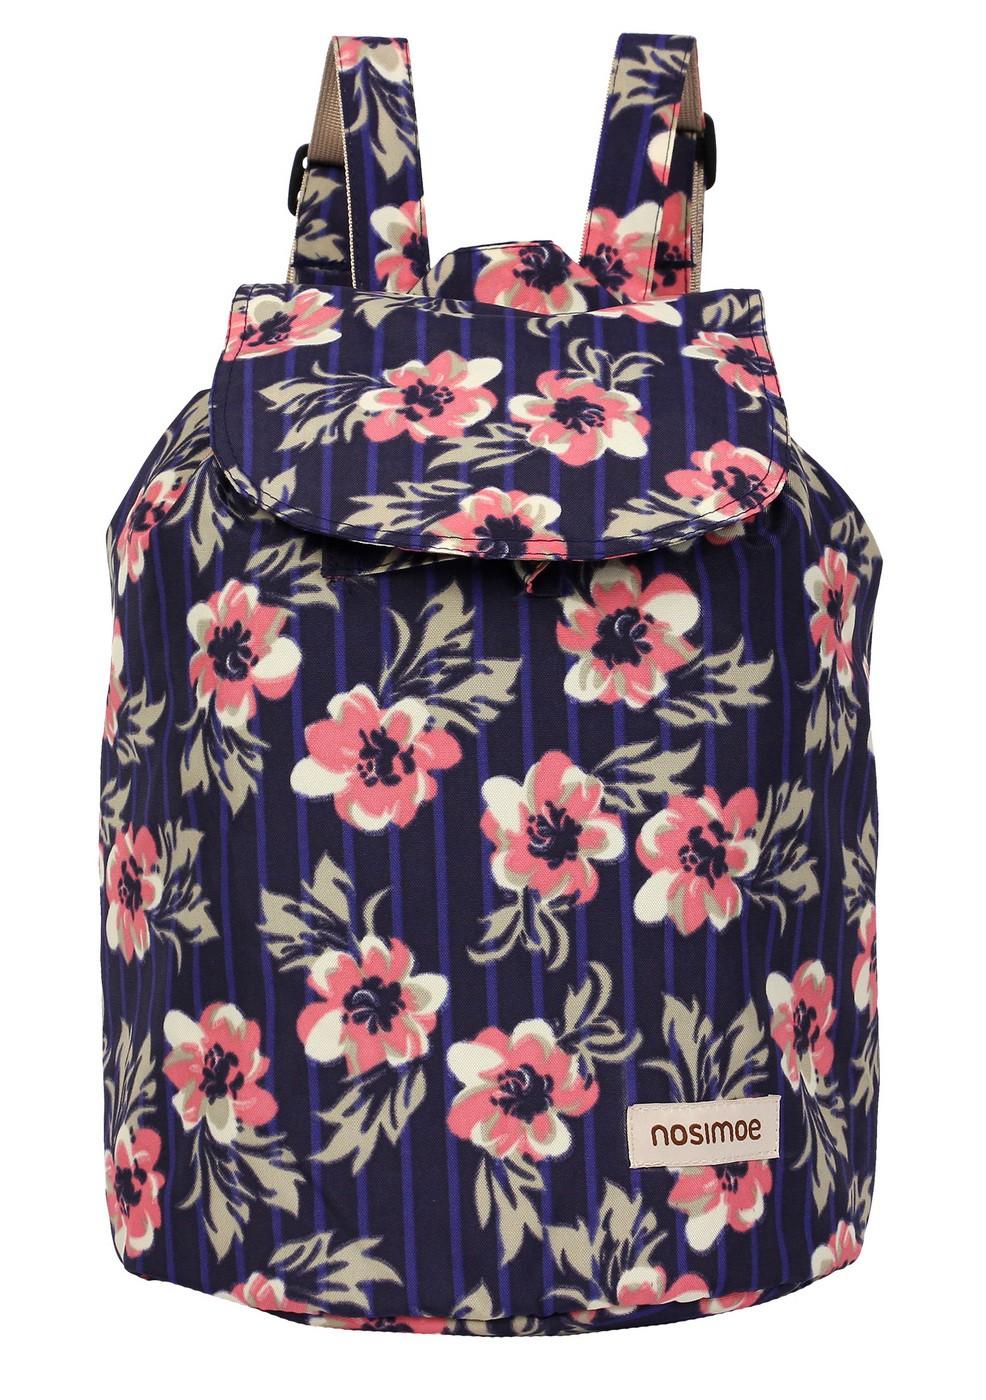 Рюкзаки, мини-сумки для прогулок по городу и с детьми, дорожные и спортивные сумки